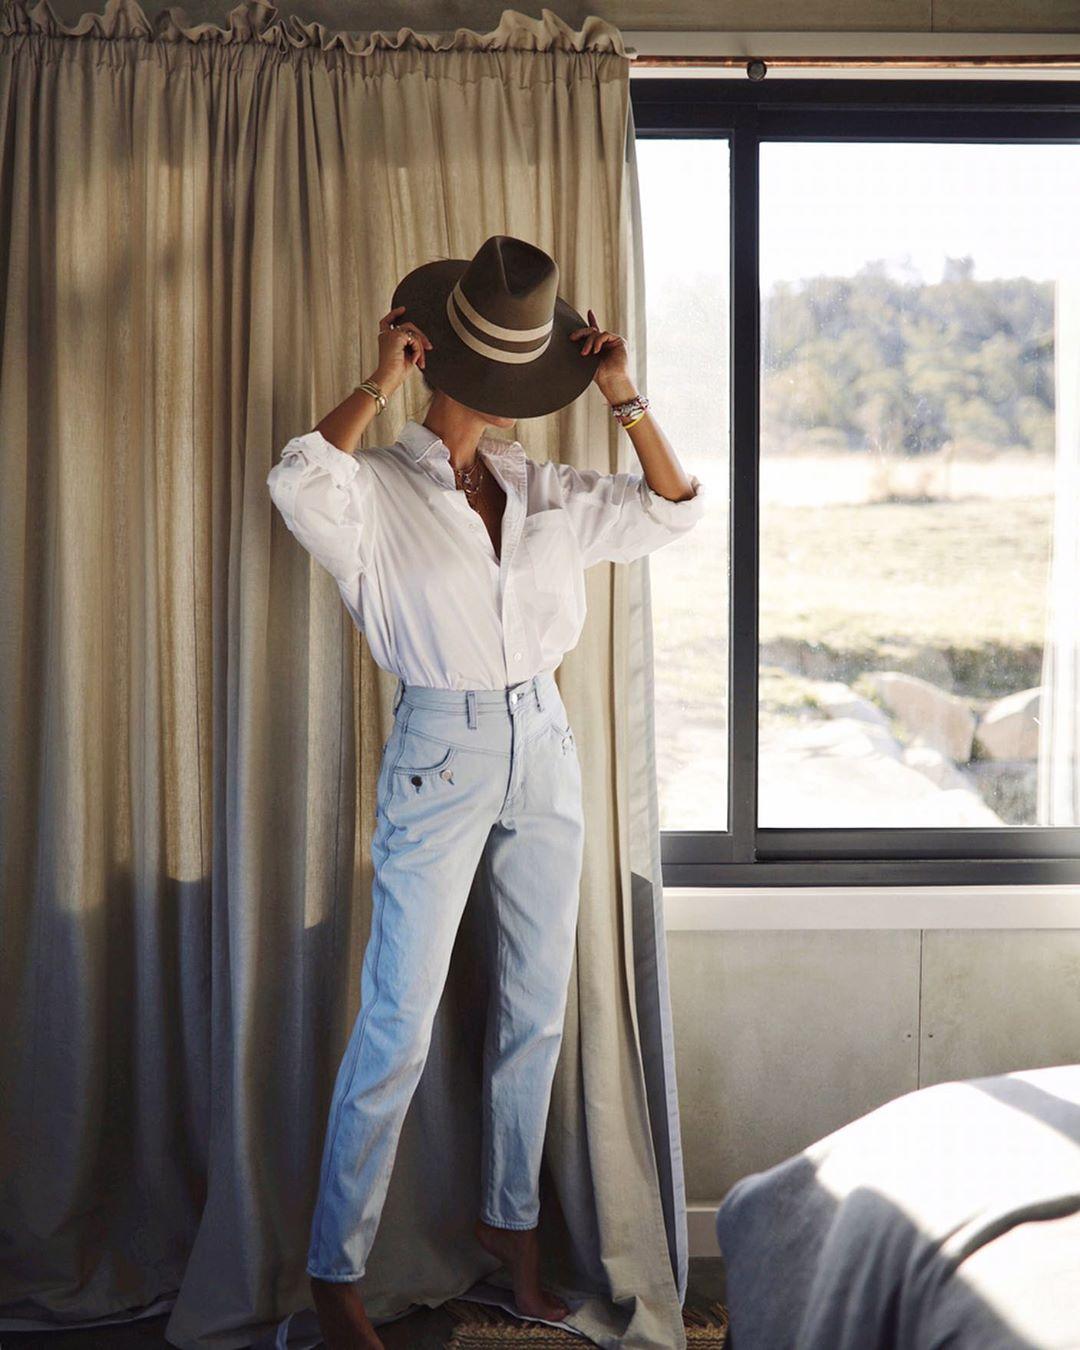 джинсы с белой рубашкой фото 1